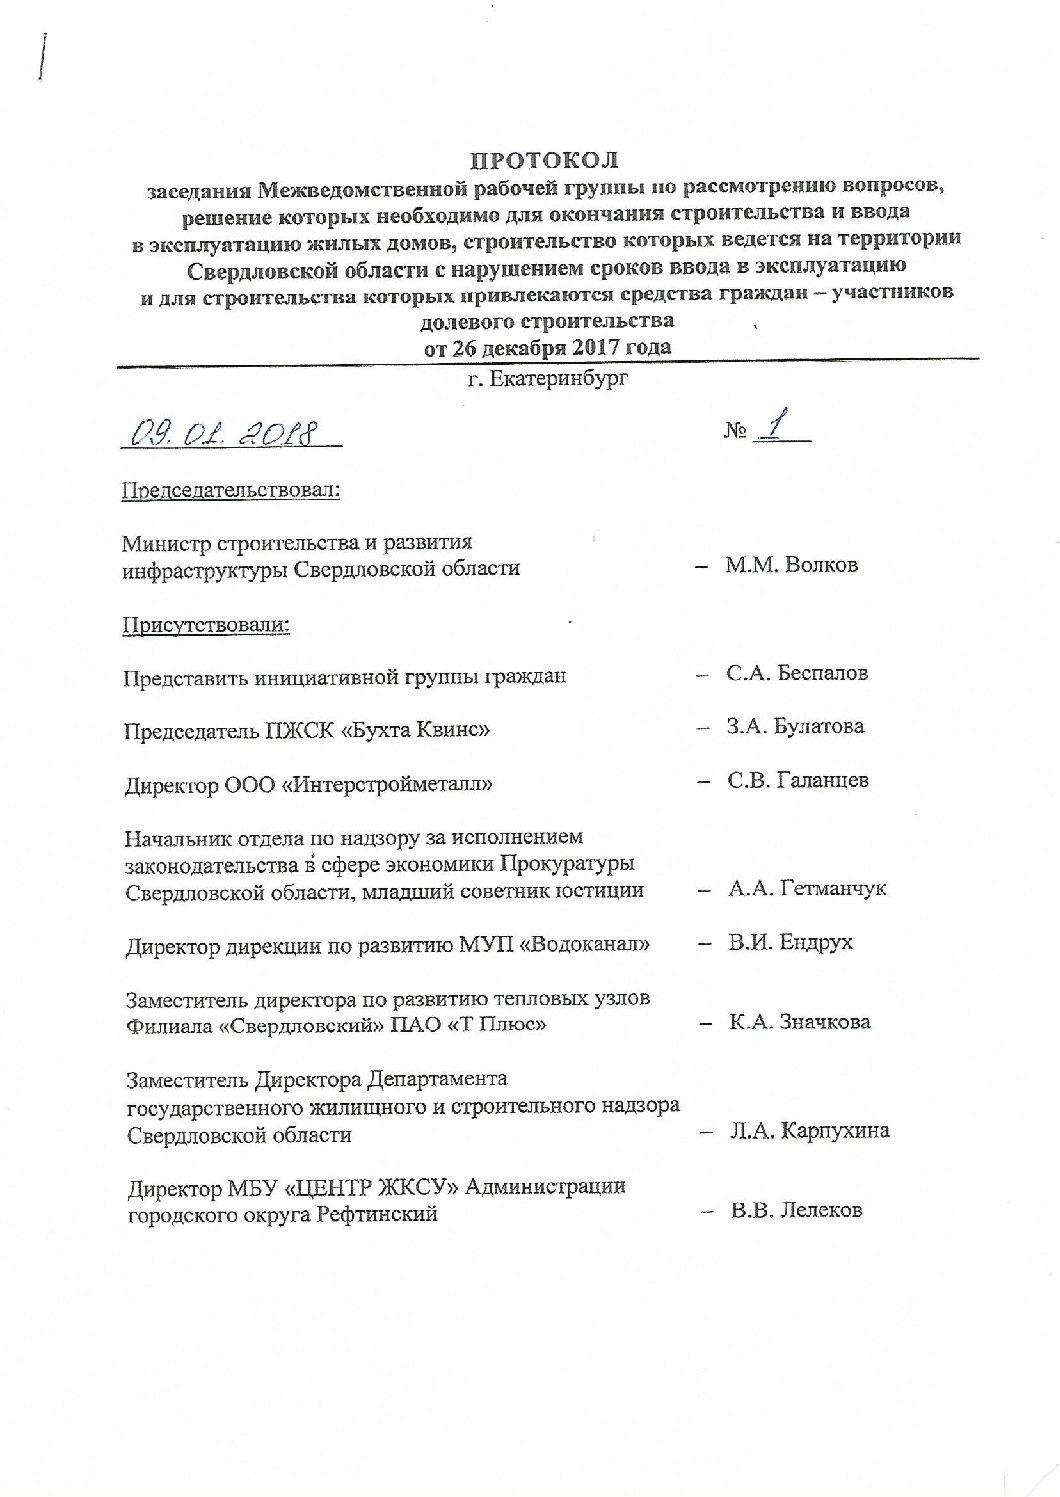 Совещание у министра строительства Свердловской области № 3